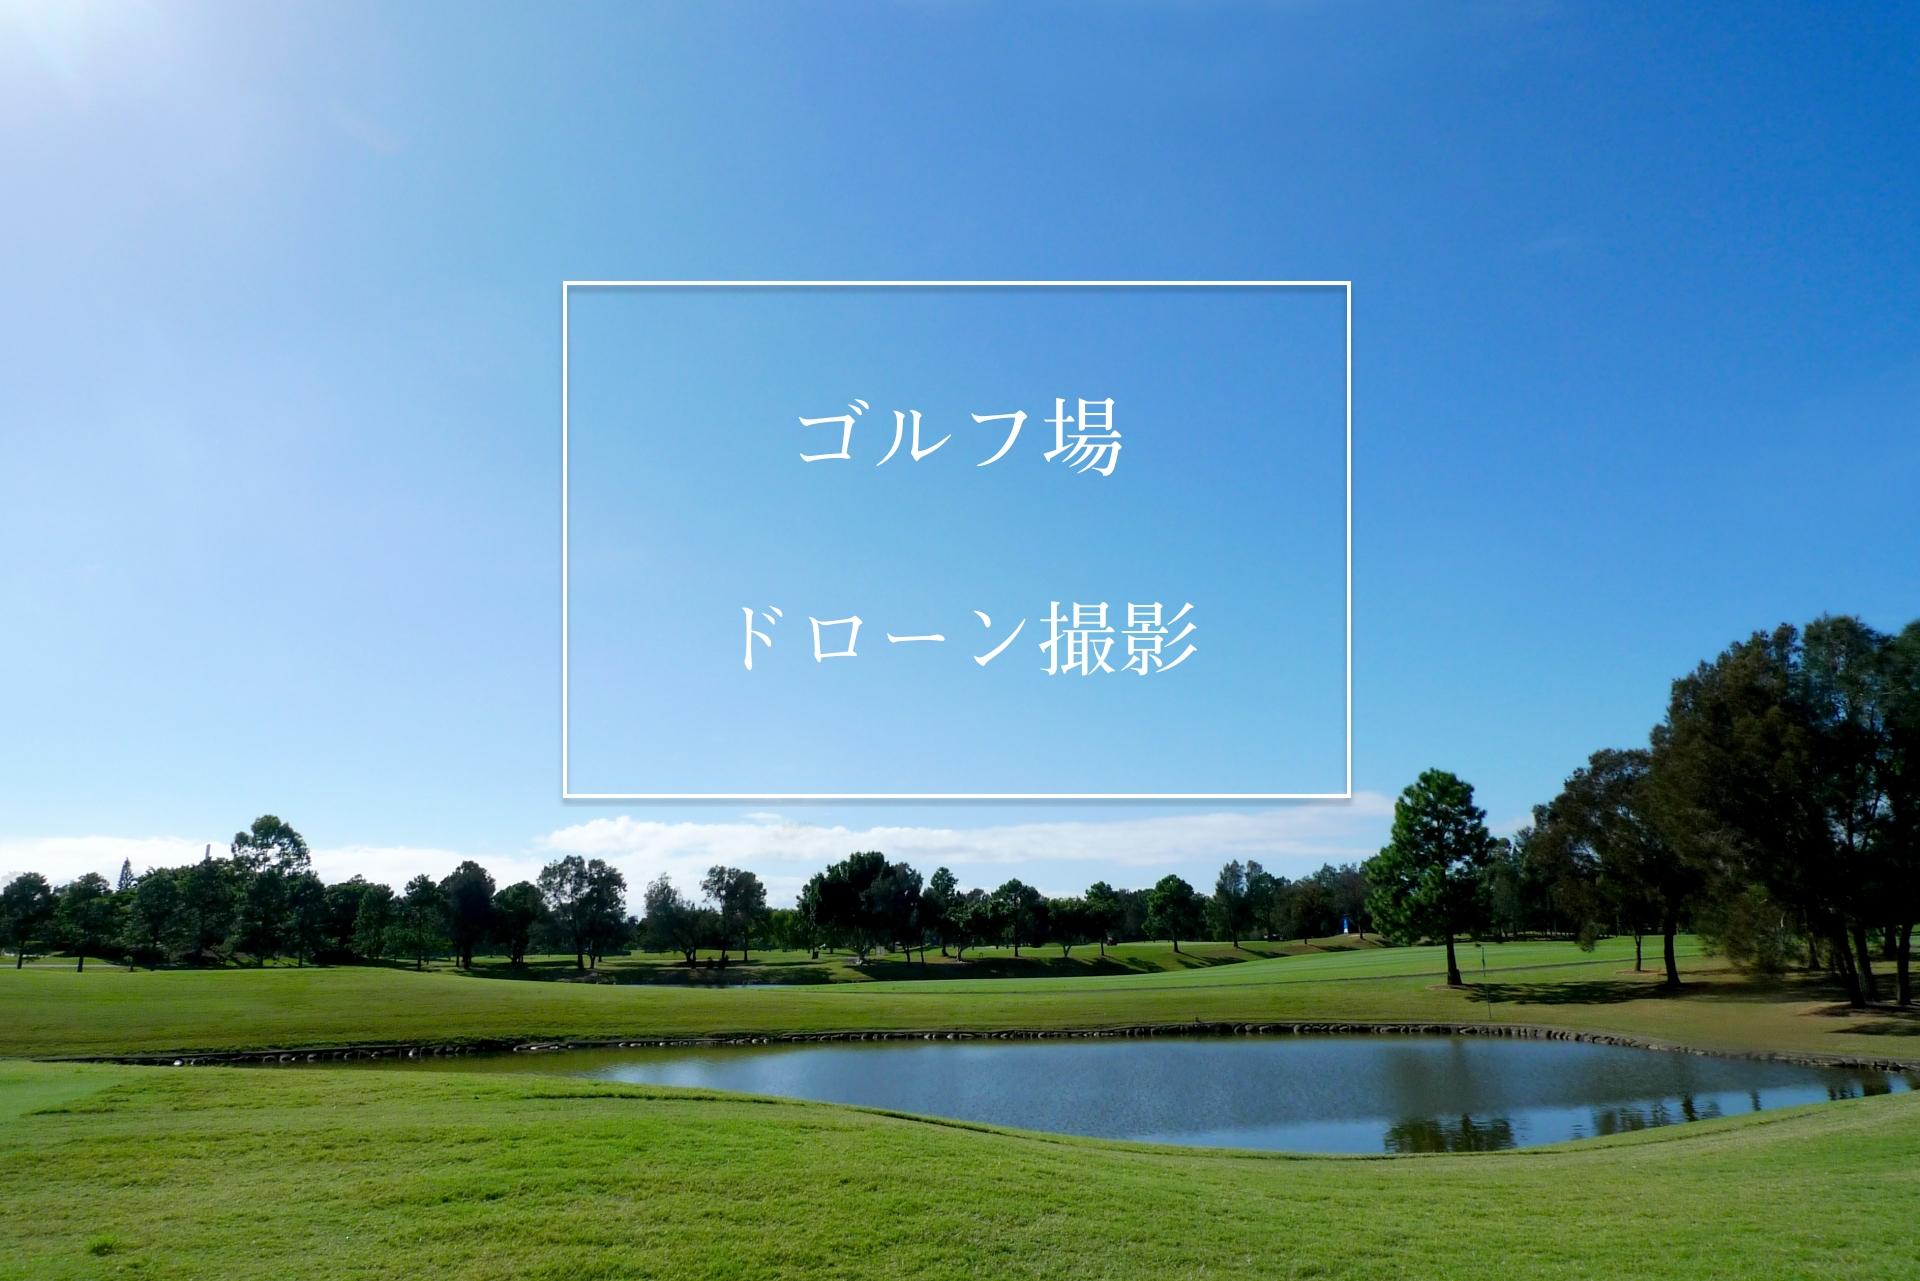 ドローン沖縄によるゴルフ場の撮影